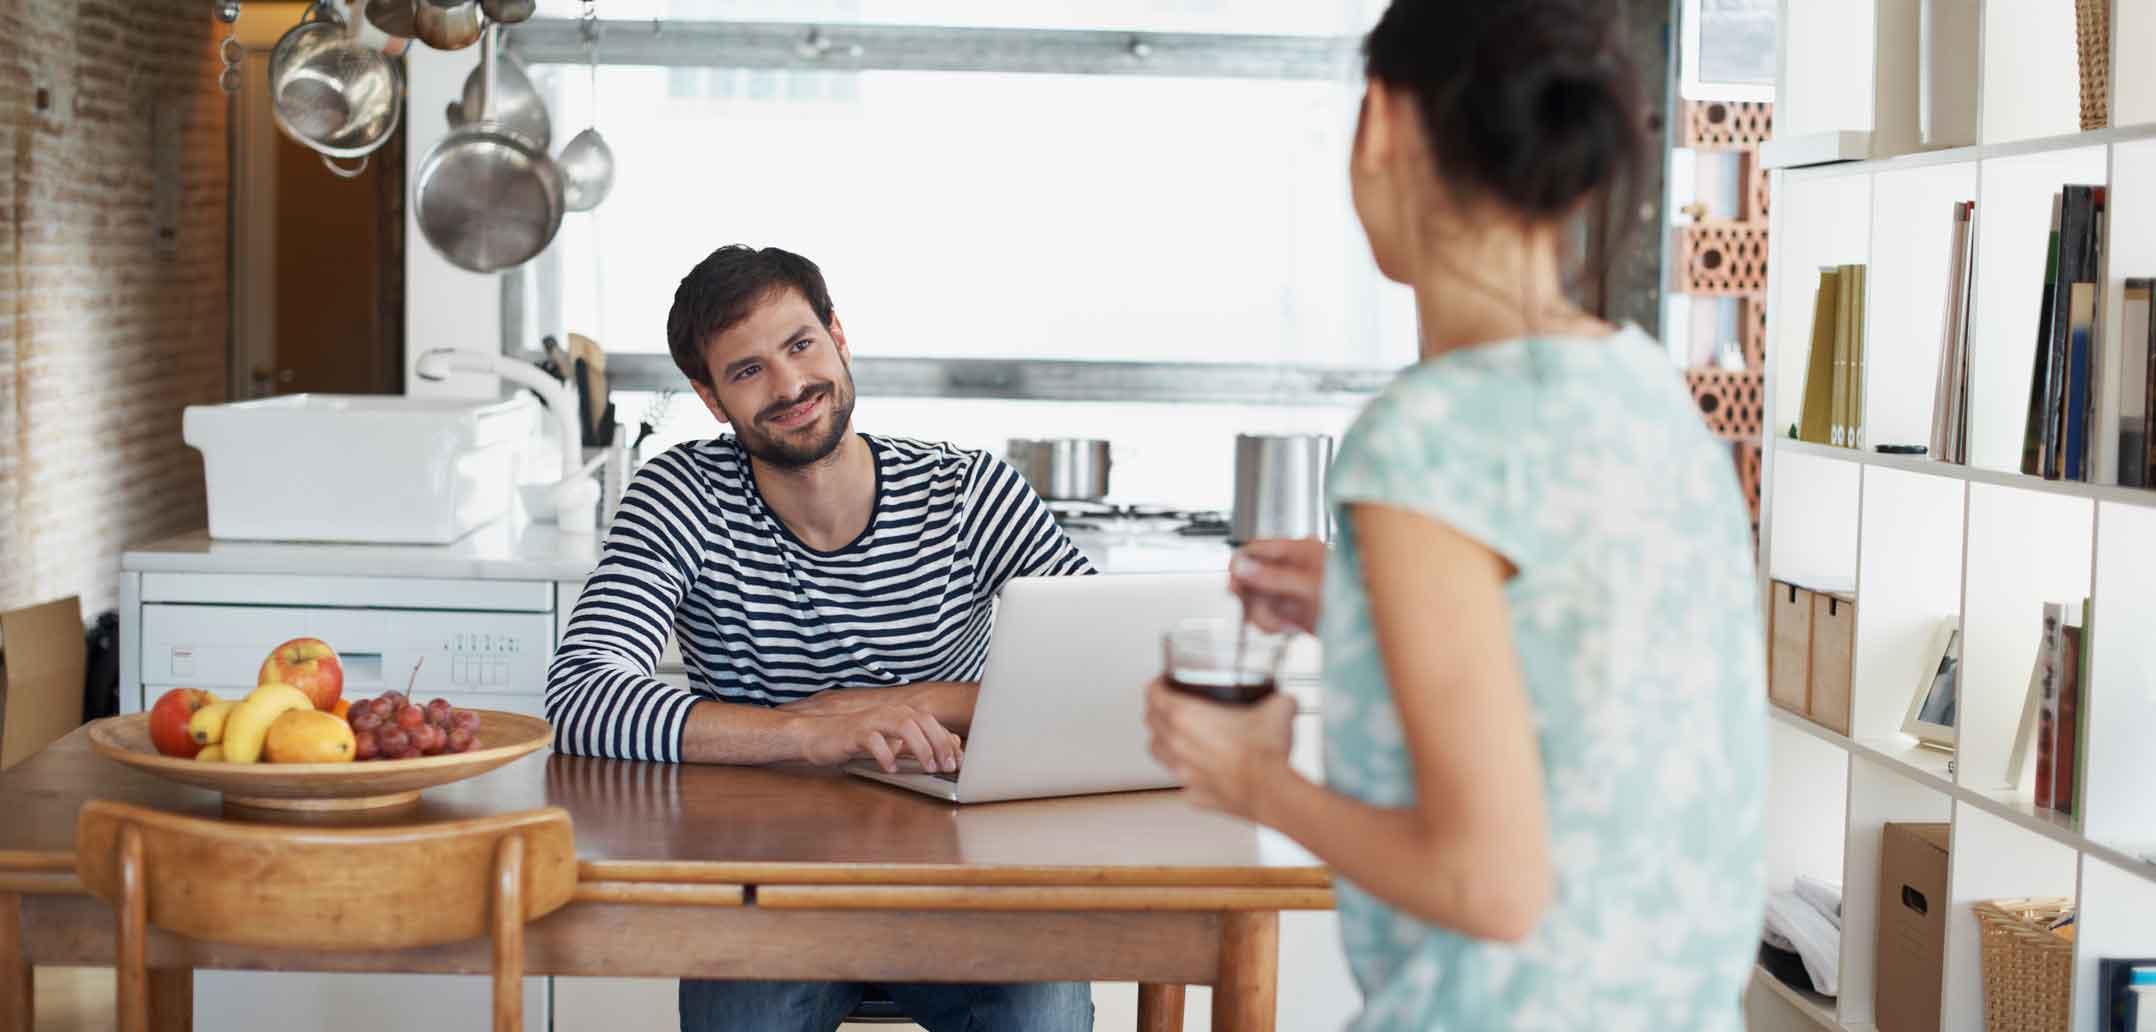 Mein partner flirtet mit anderen frauen